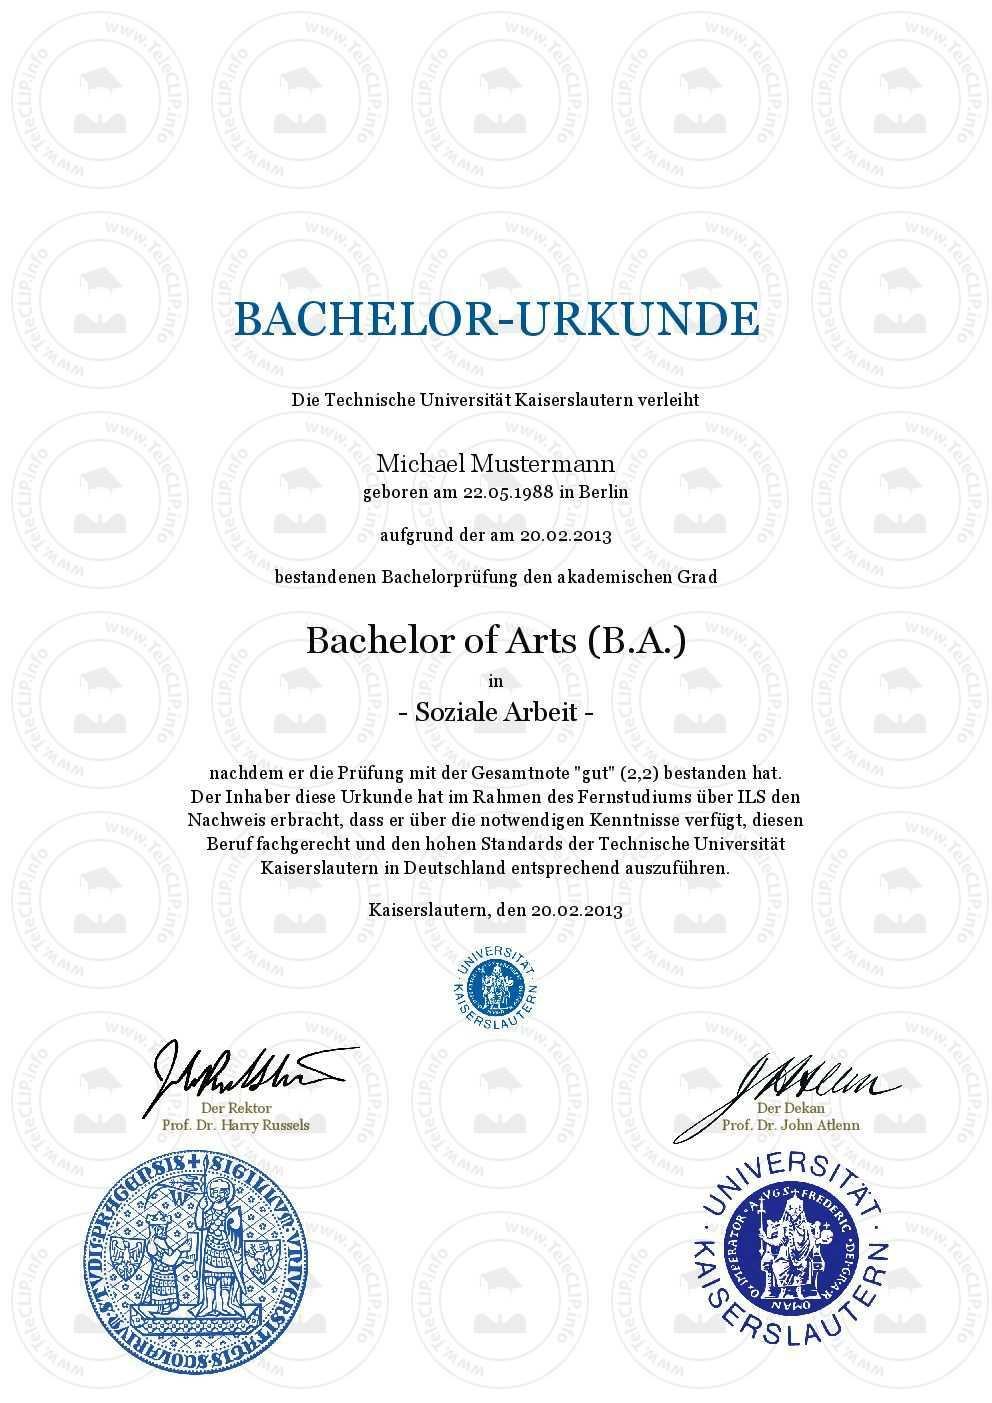 Bachelor Kaiserslautern Professionelle Bachelor Urkunden Individuelle Diplome Dokumente Einfach Online Selbst Gestalten Und D Bachelor Meisterbrief Urkunde